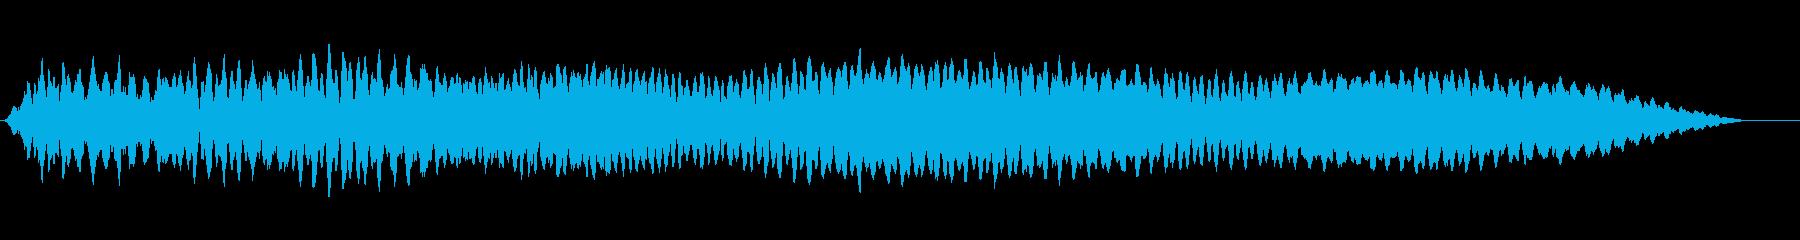 エネルギー場パルスの再生済みの波形